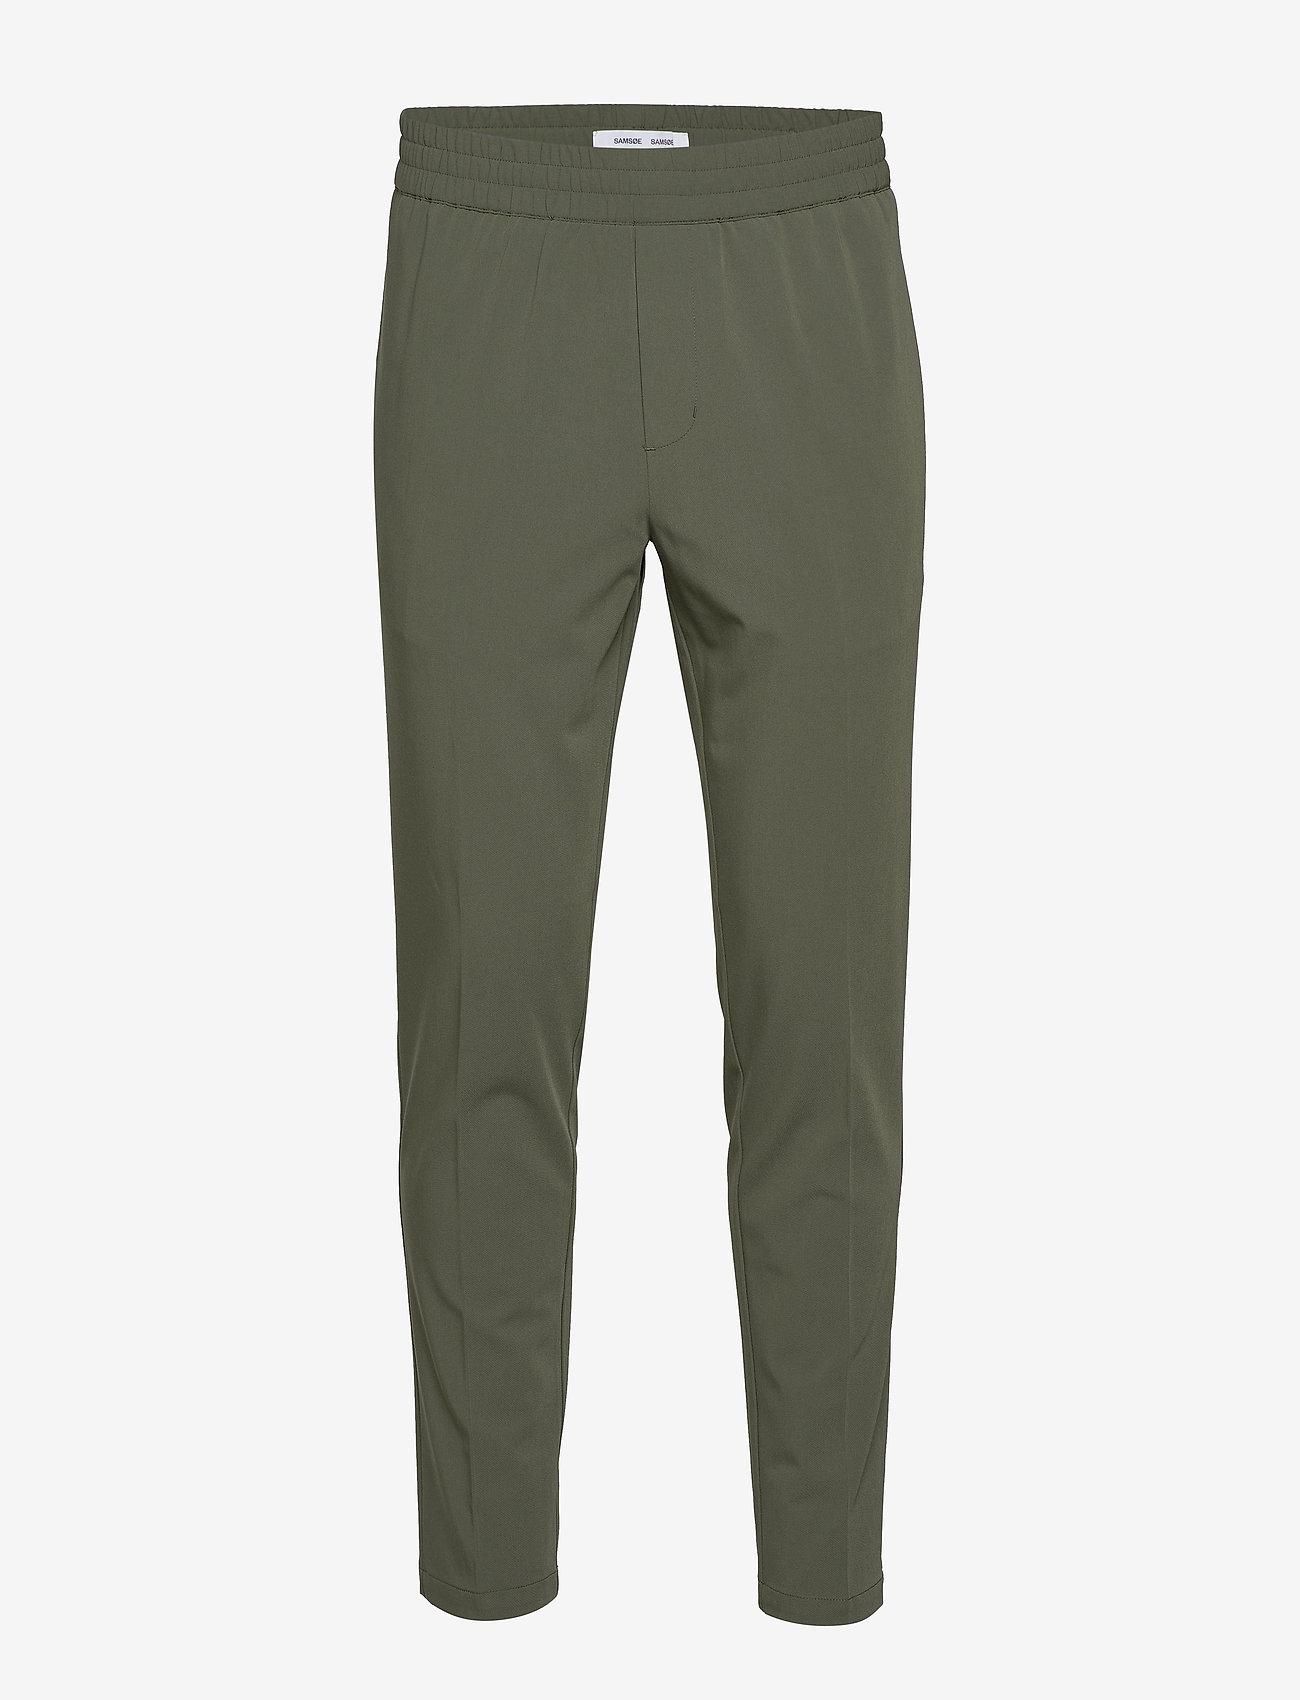 Samsøe Samsøe - Smithy trousers 10931 - spodnie na co dzień - thyme - 1